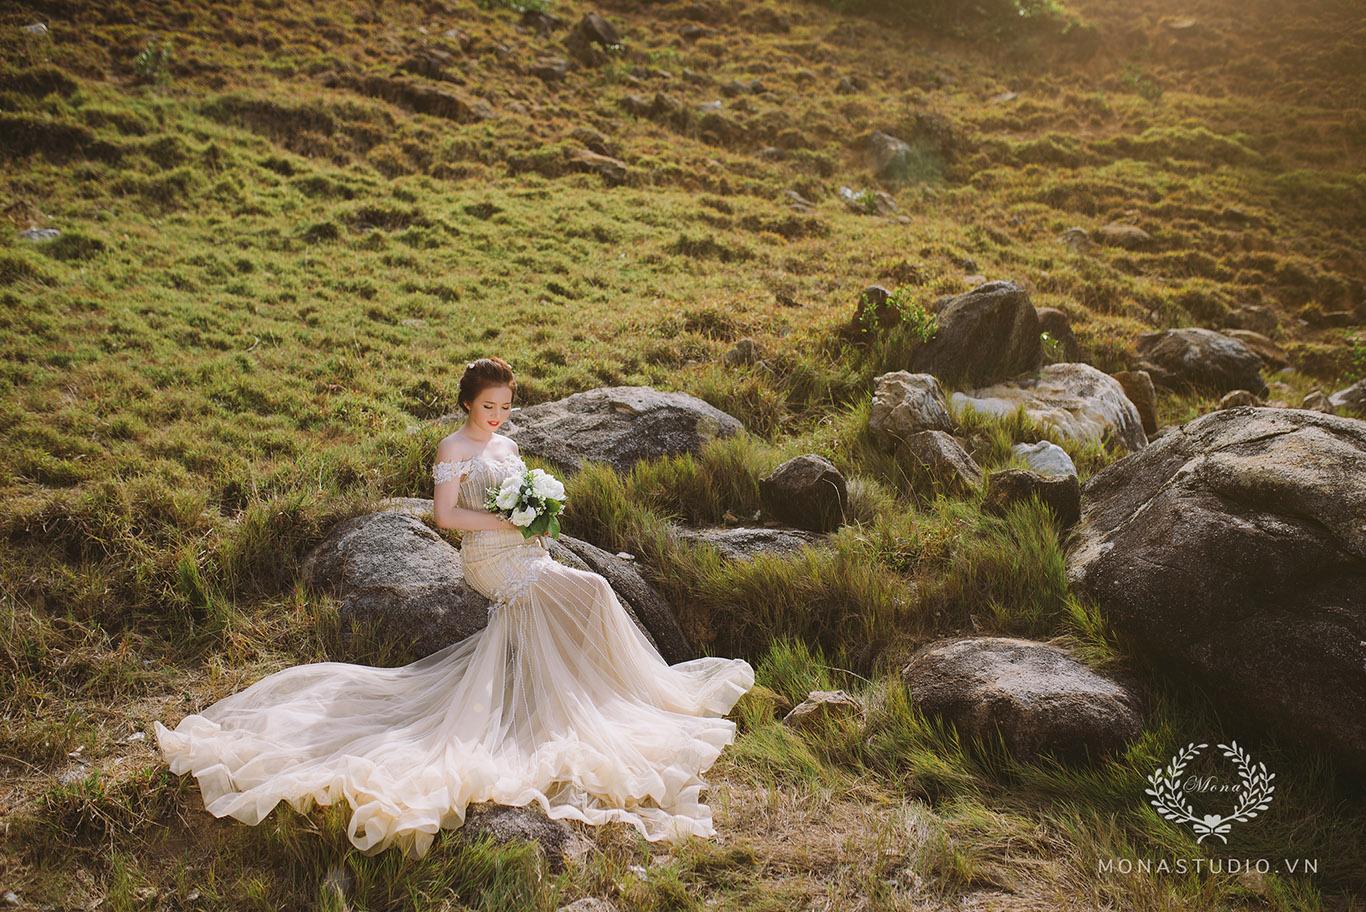 Xếp hạng 6 Studio chụp ảnh cưới đẹp nhất tại TP Hội An, Quảng Nam -  Mona Studio